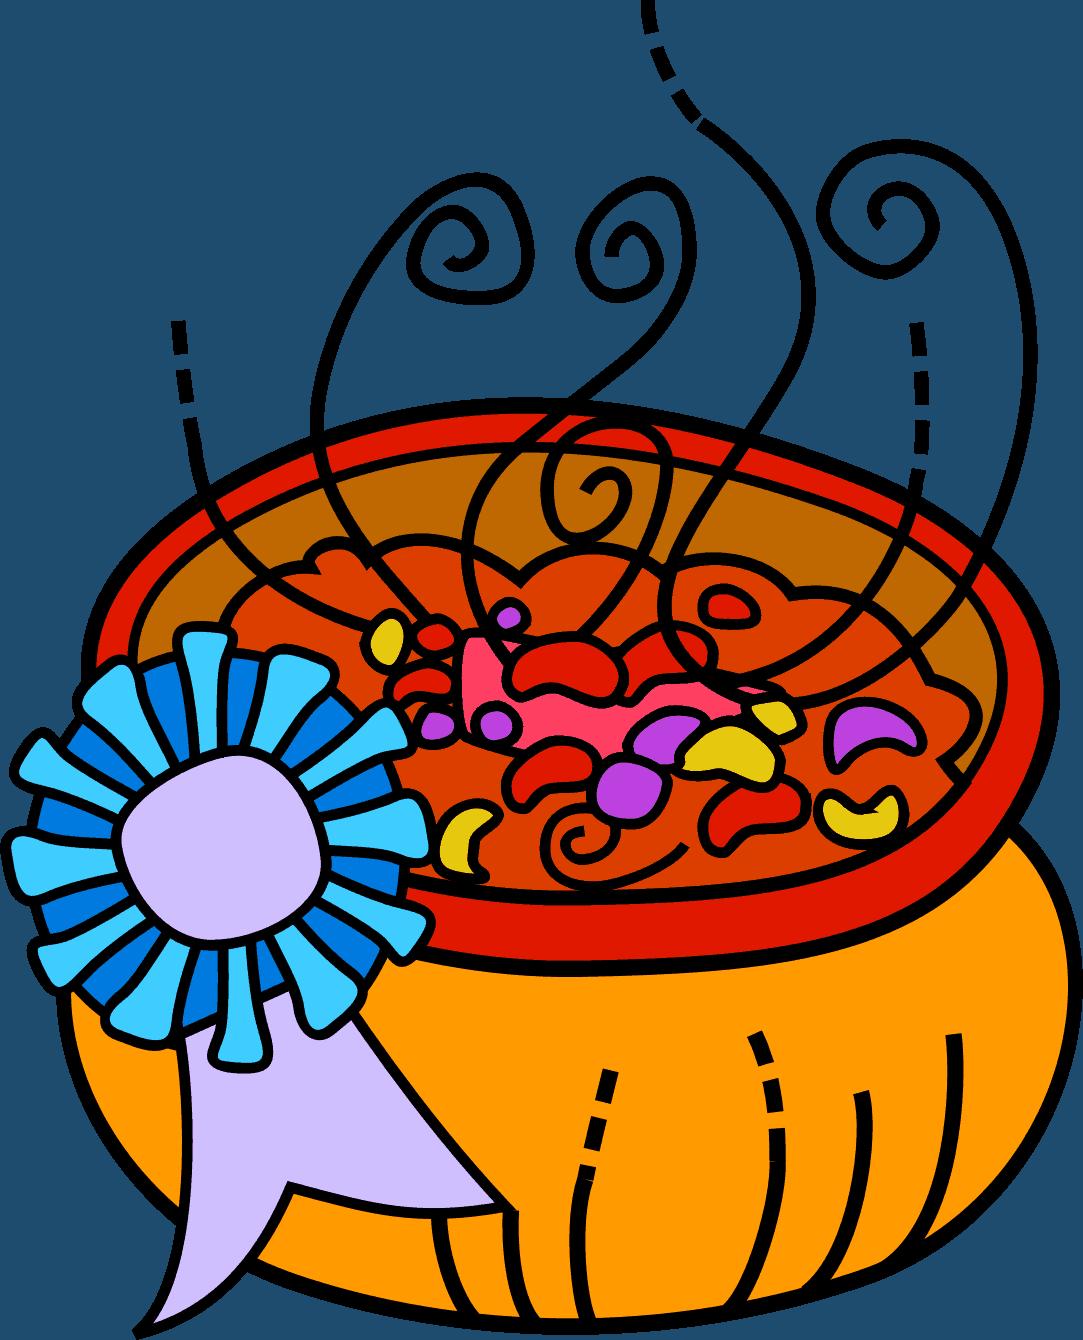 chili-and-ribbon